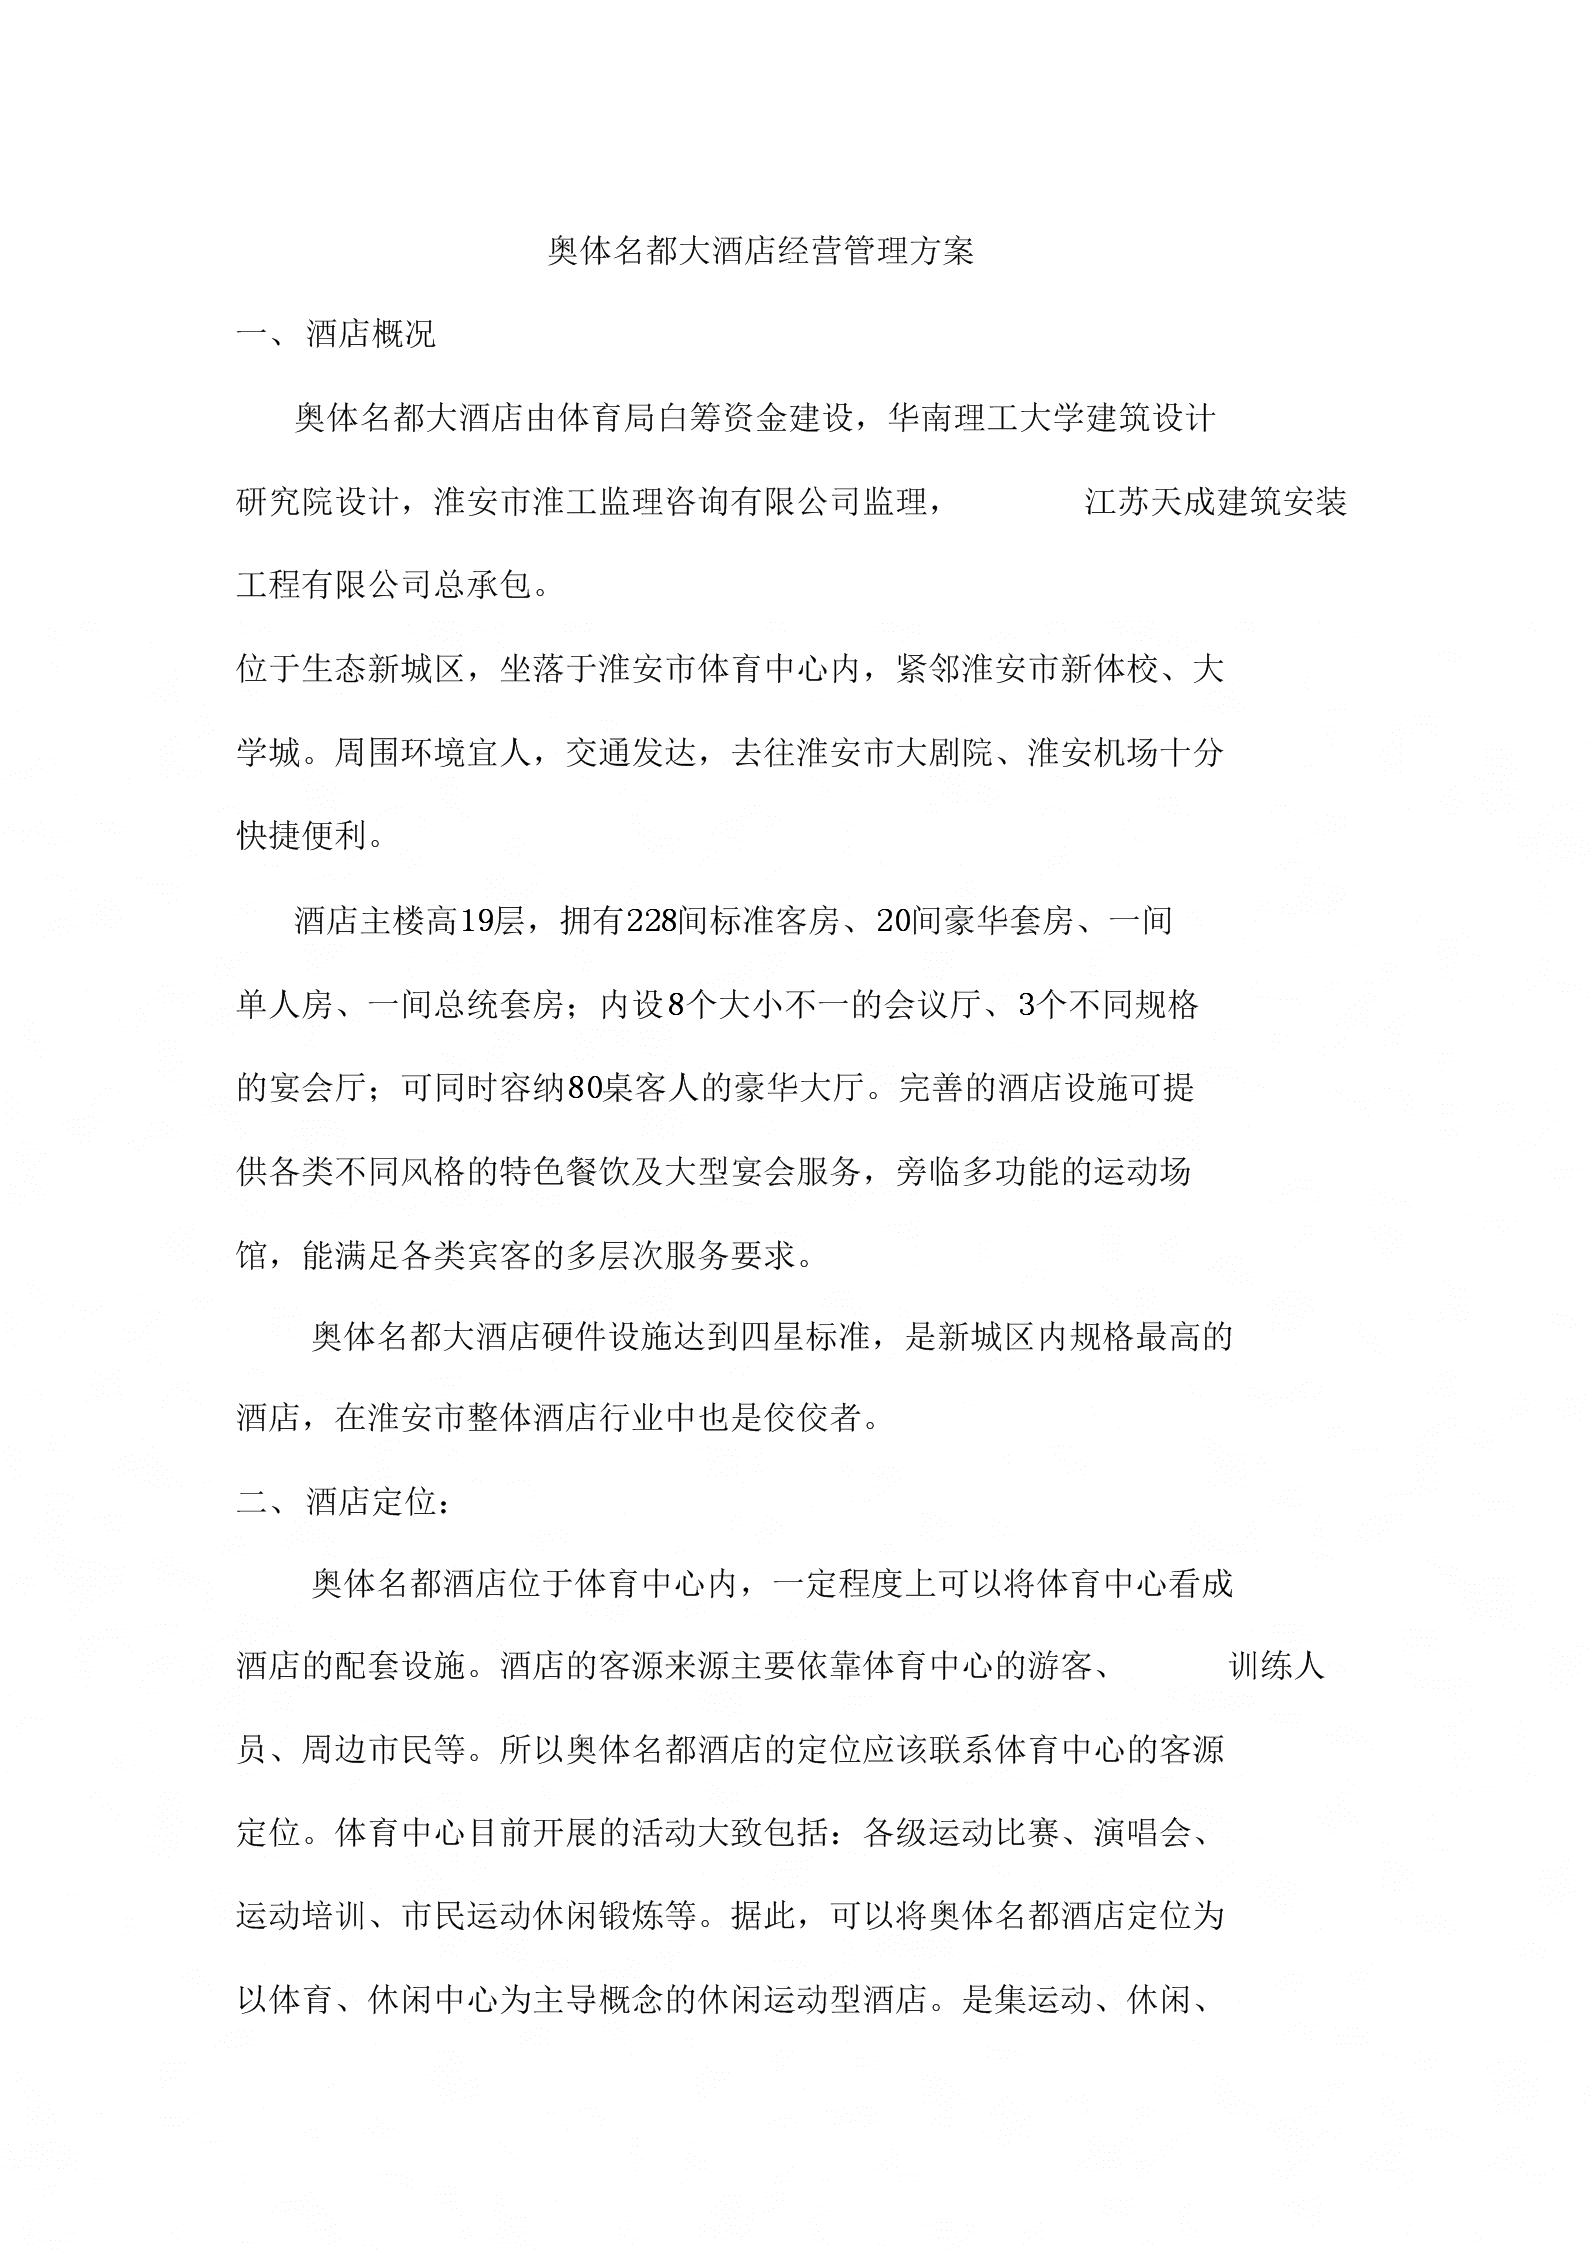 《淮安奥体名都大酒店经营管理方案》.docx